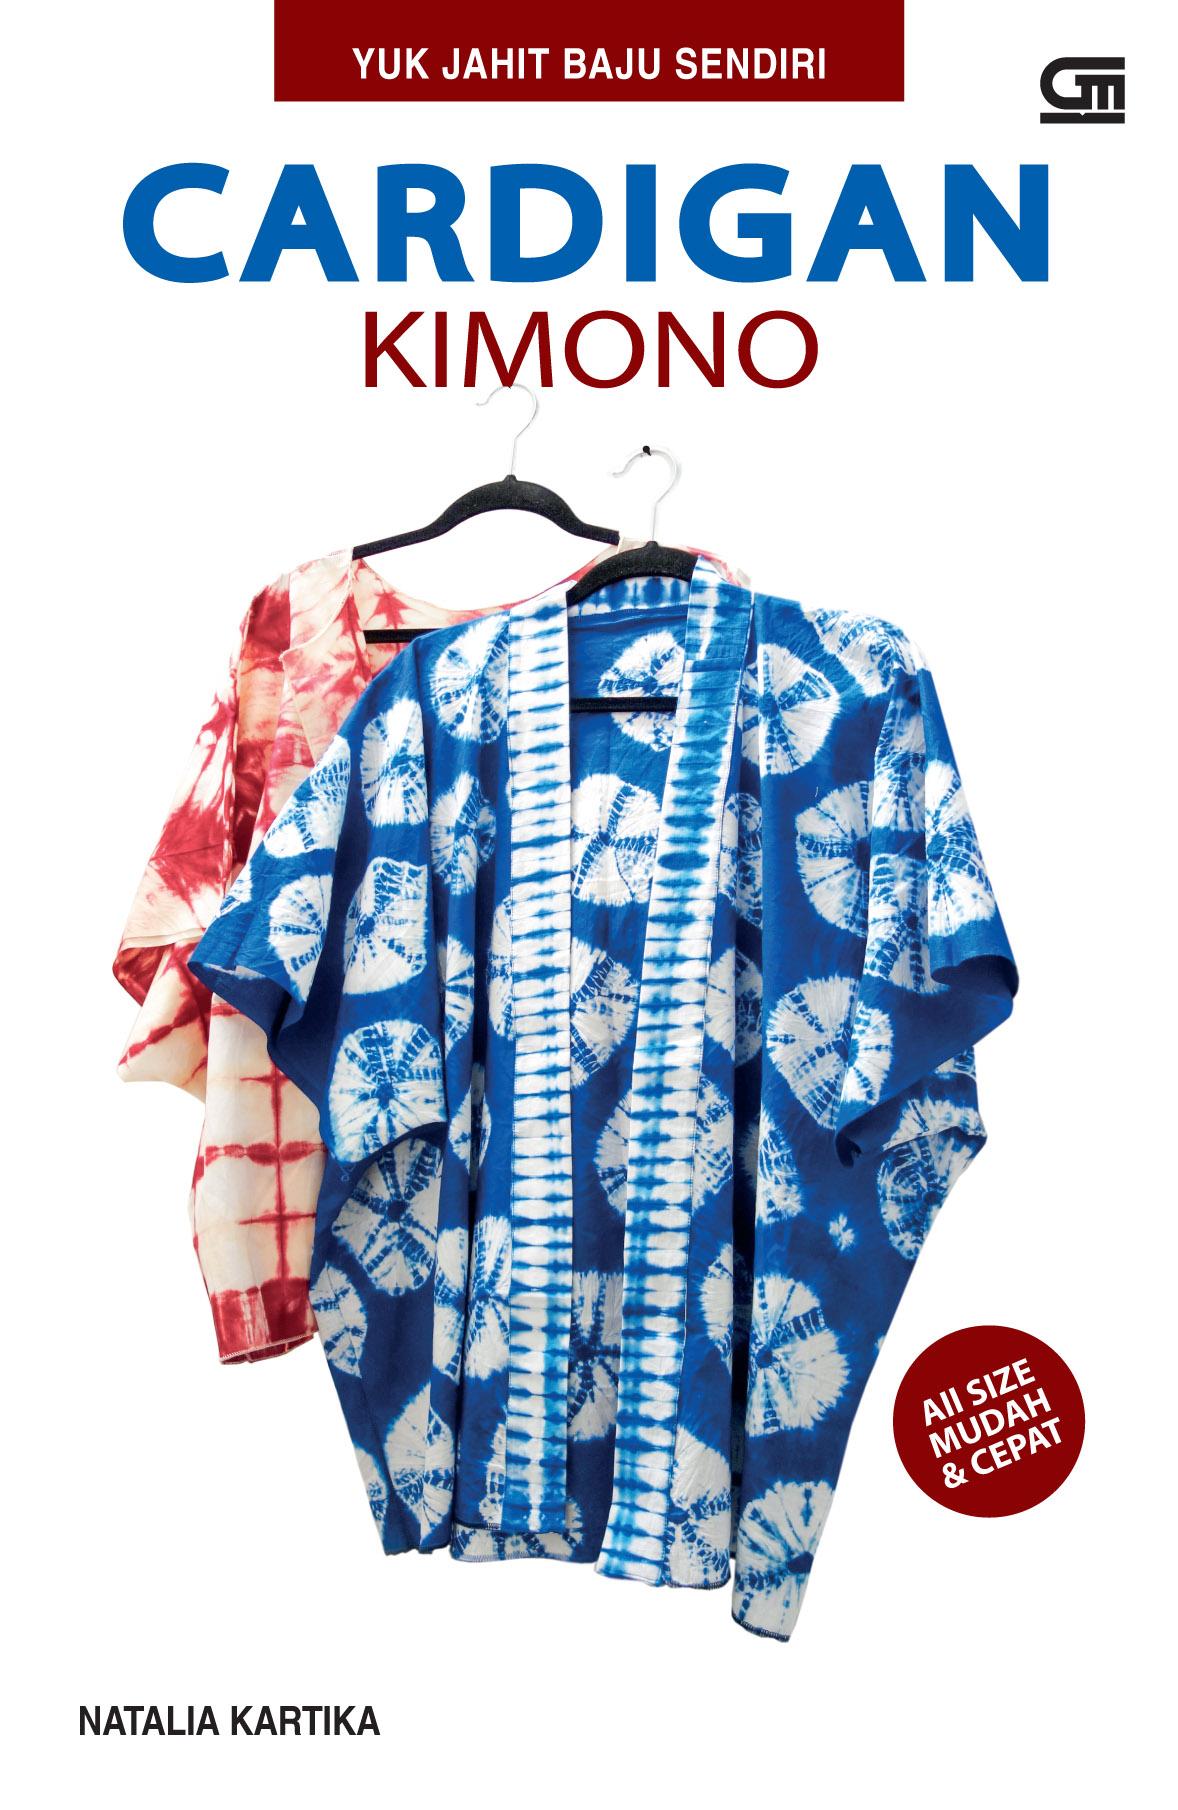 Yuk Jahit Baju Sendiri - Cardigan Kimono